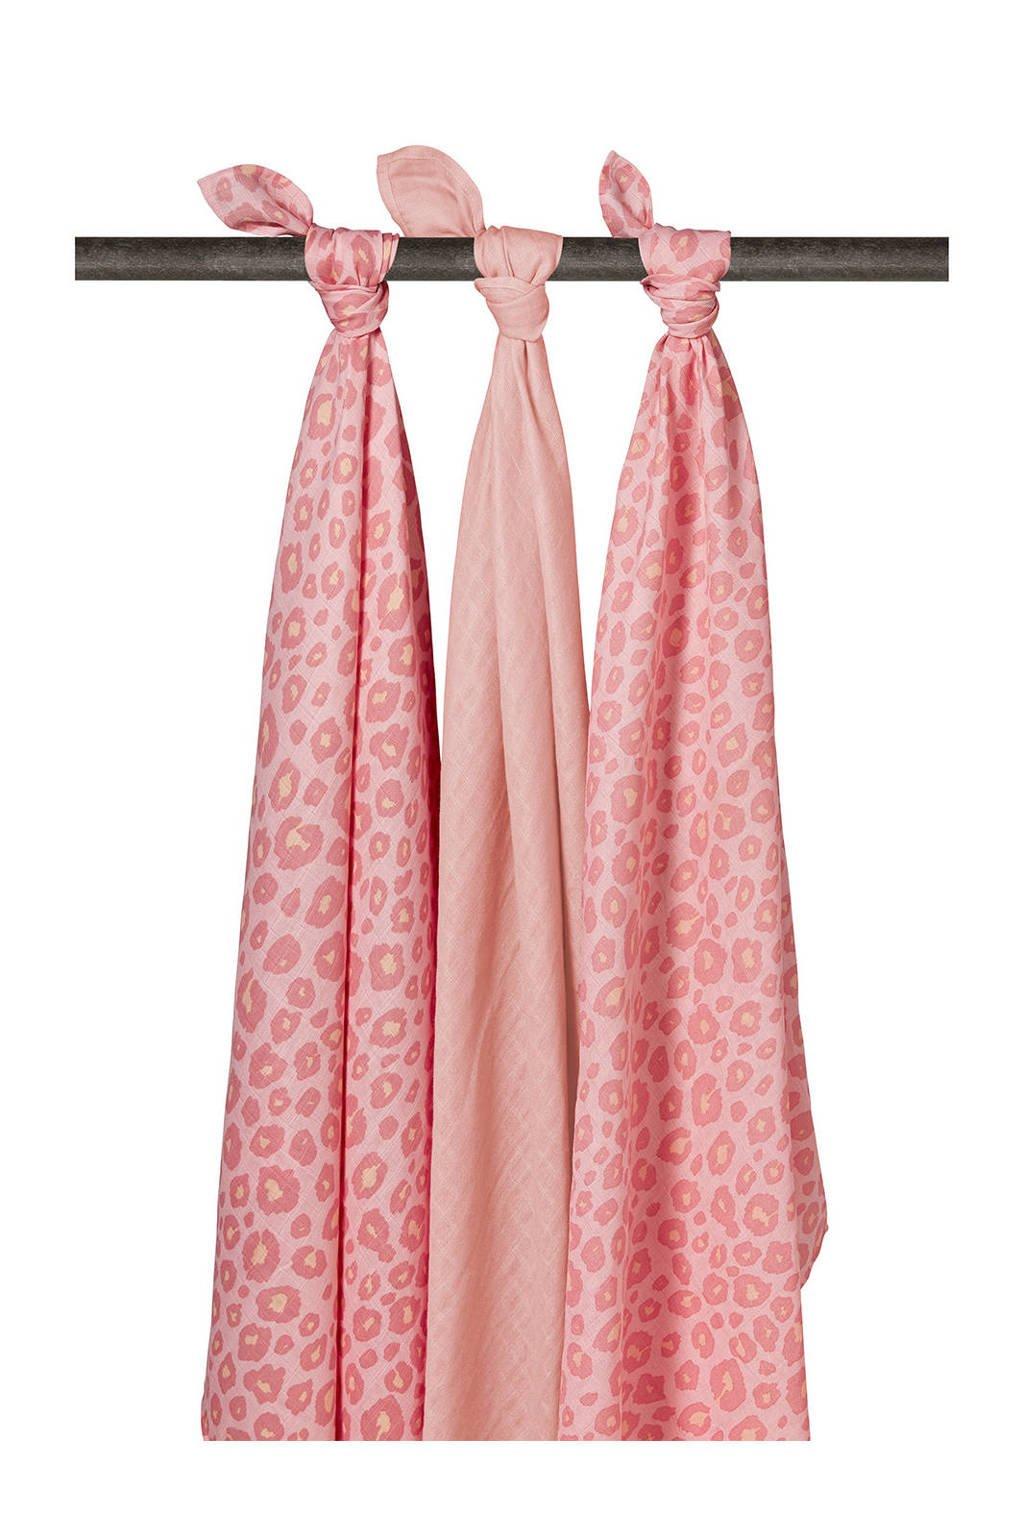 Meyco hydrofiele multidoeken donkerroze - set van 3, Donkerroze/roze